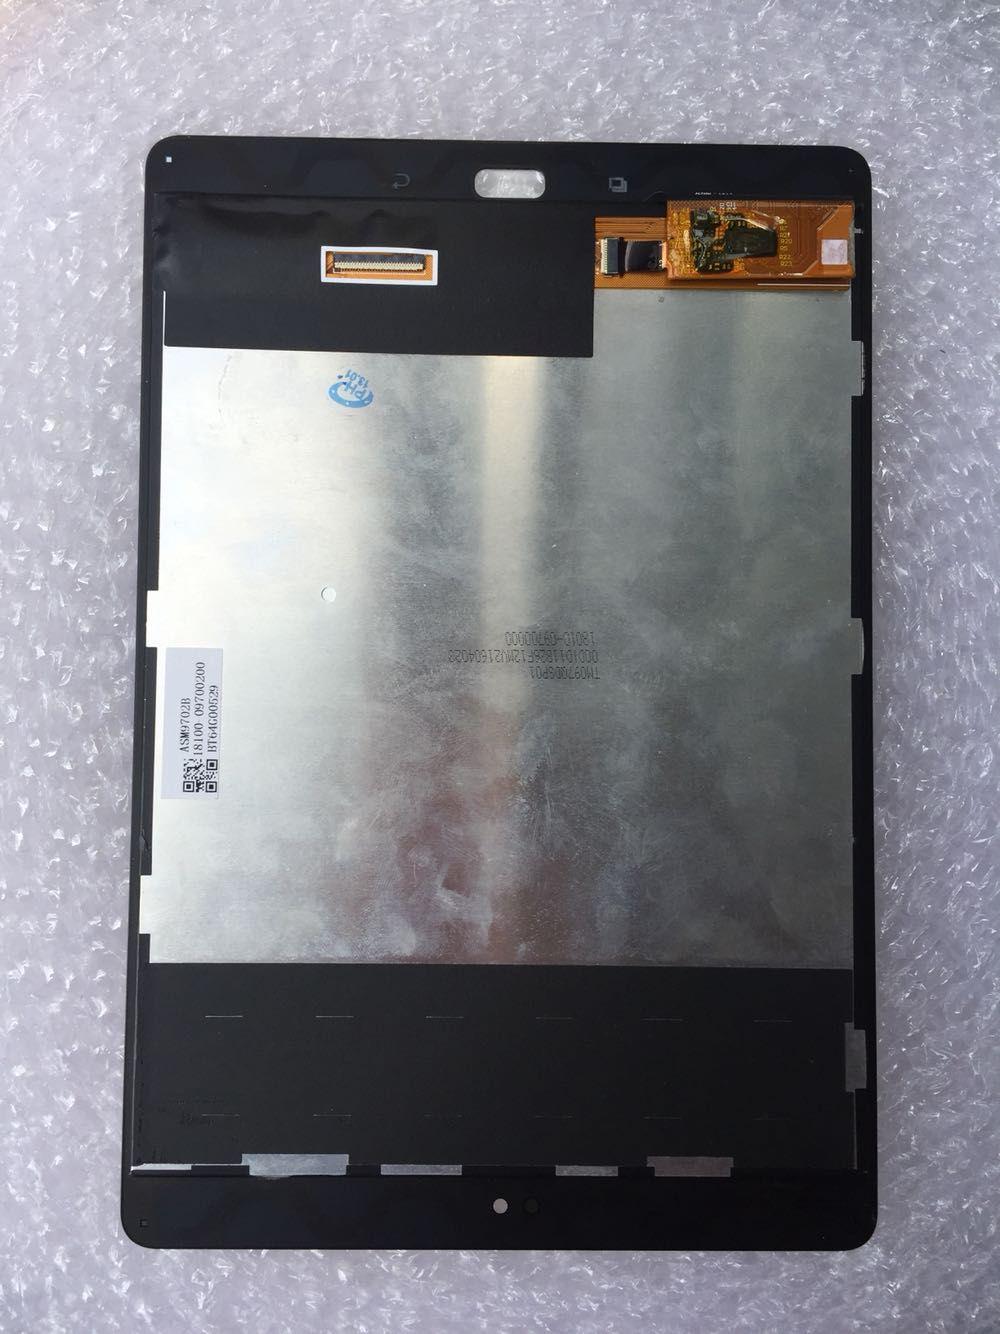 Для Asus ZenPad 3 s 10 z500m P027 z500kl P001 ЖК-дисплей Дисплей матрица Сенсорный экран планшета Сенсор Планшеты PC Запчасти сборки